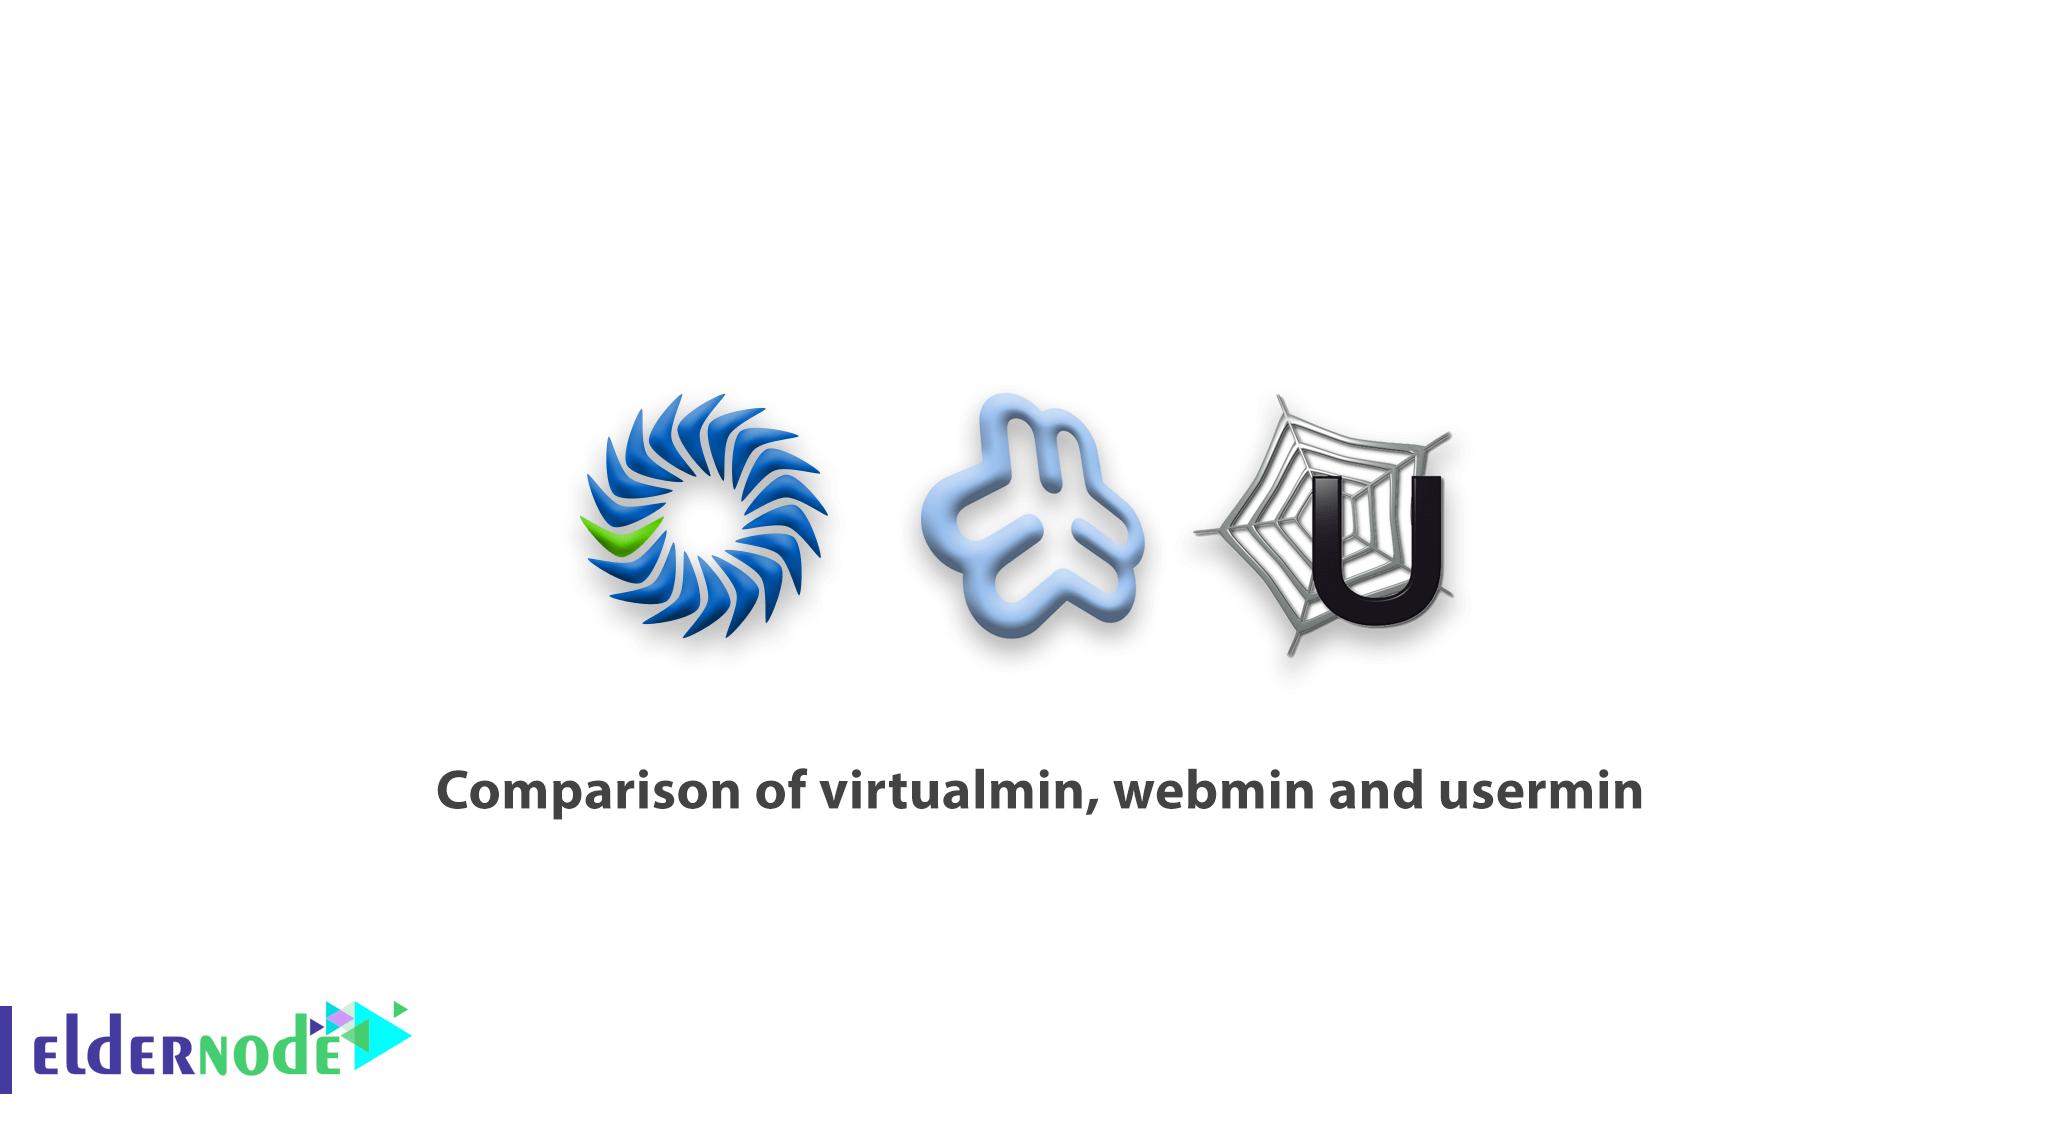 Comparison of virtualmin, webmin and usermin